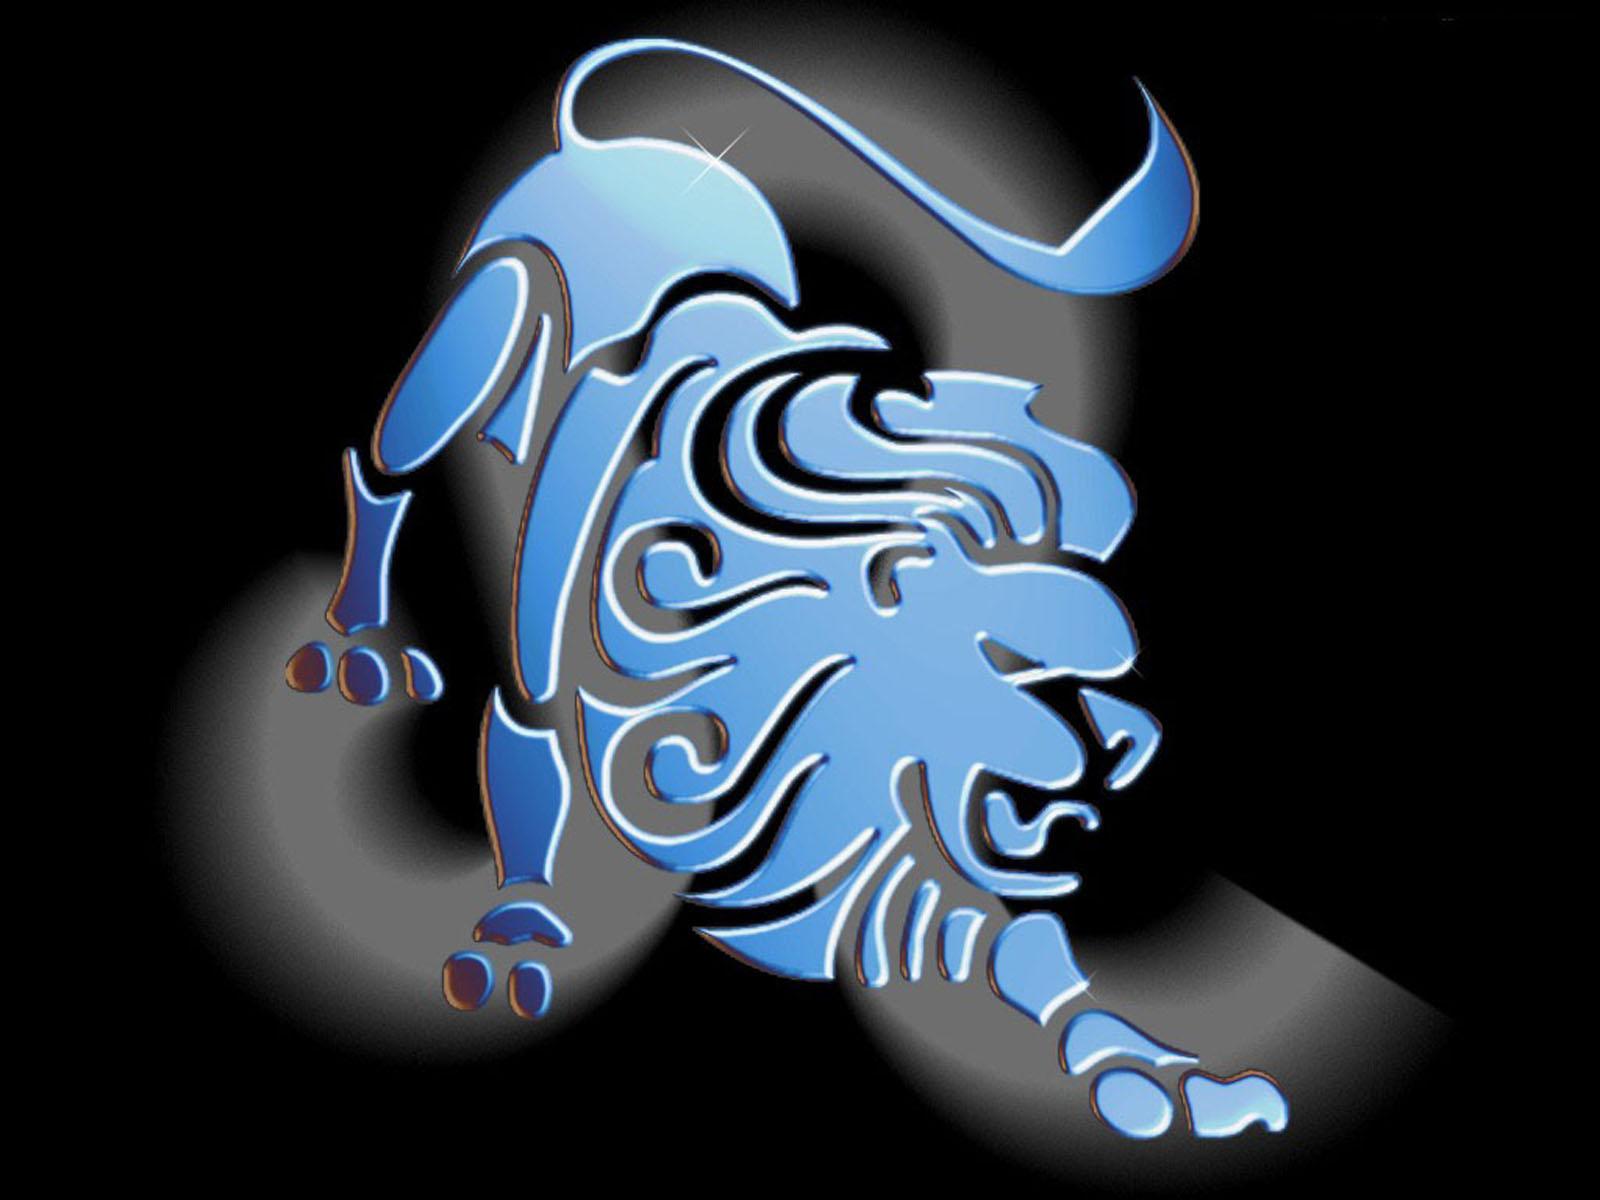 Обои на телефон знаки зодиака лев